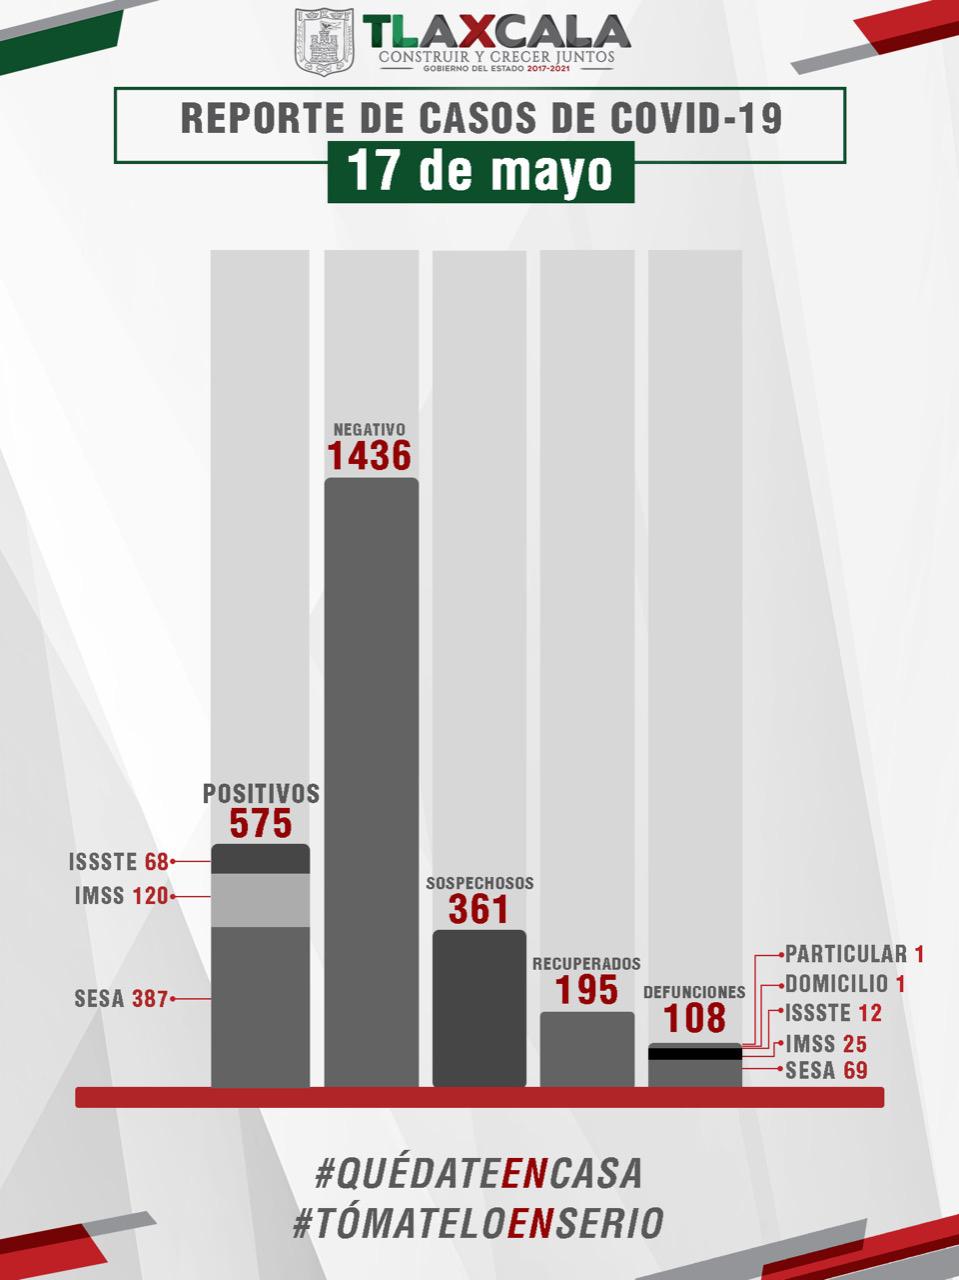 Confirma SESA 27 casos y seis fallecidos más de Covid19 en Tlaxcala